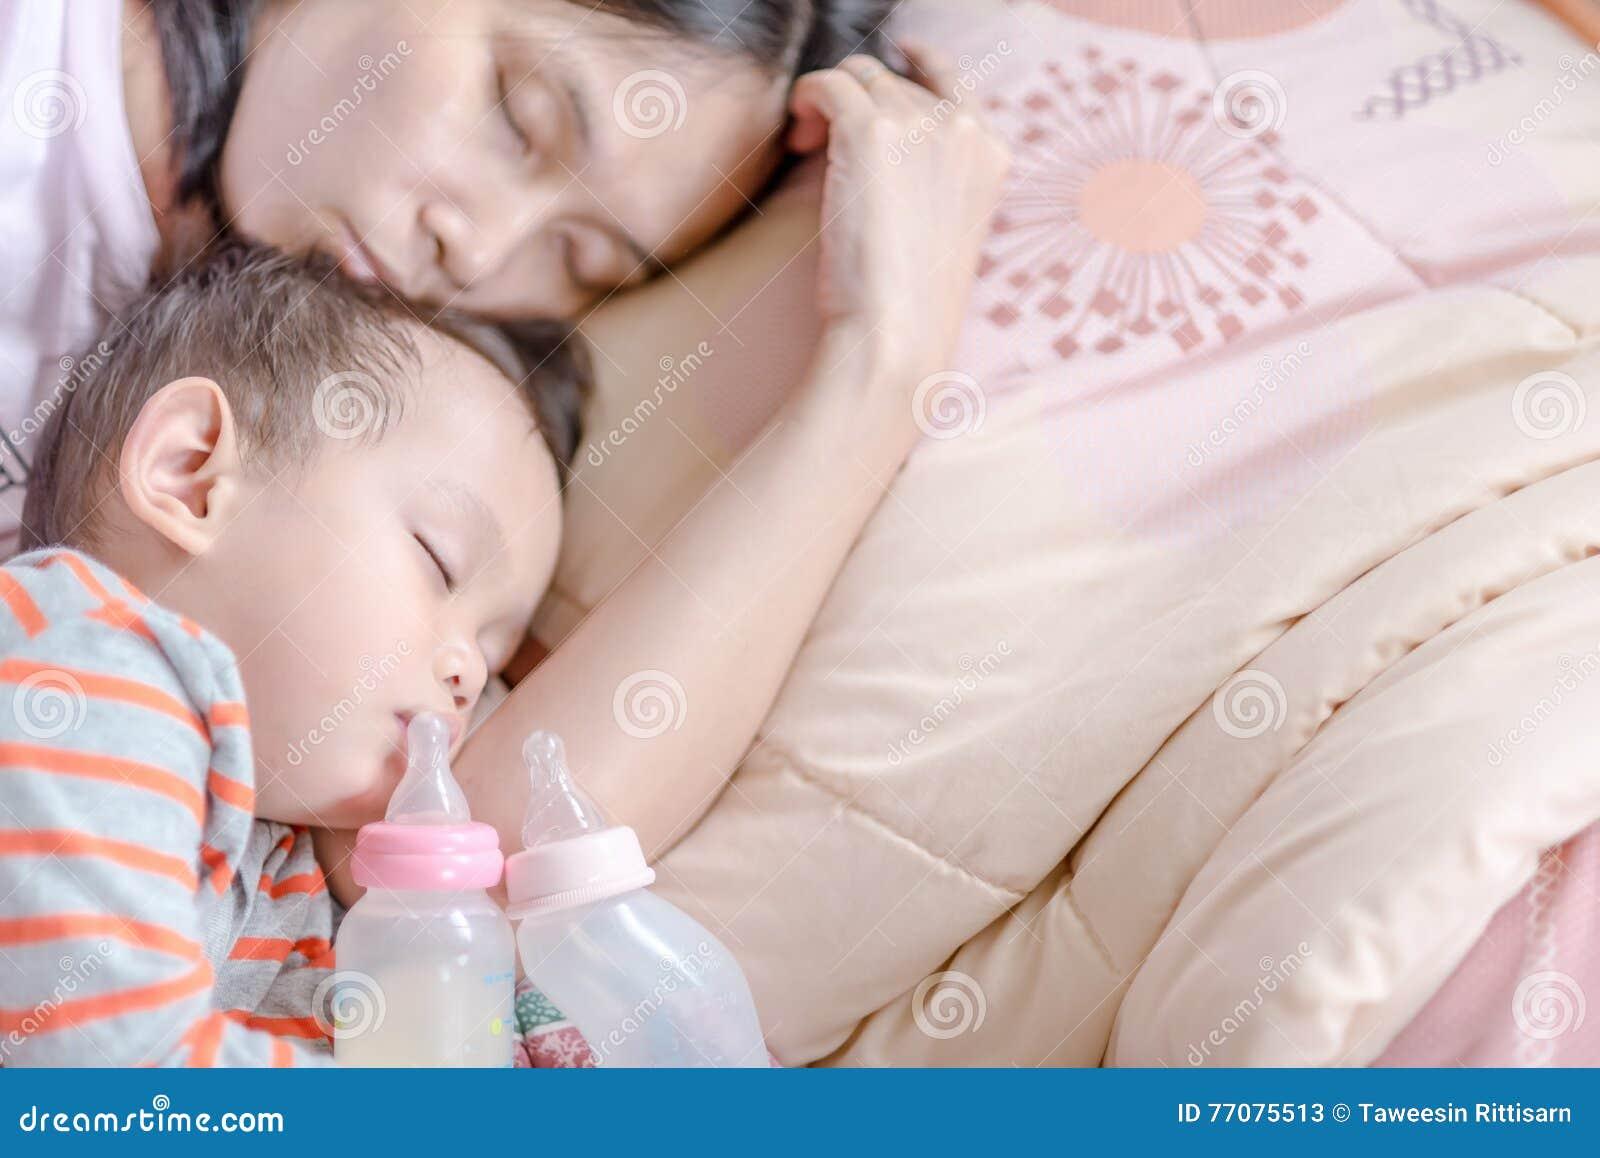 Neonato Dorme Solo In Braccio.Neonato Asiatico Che Dorme In Braccio Della Madre Immagine Stock